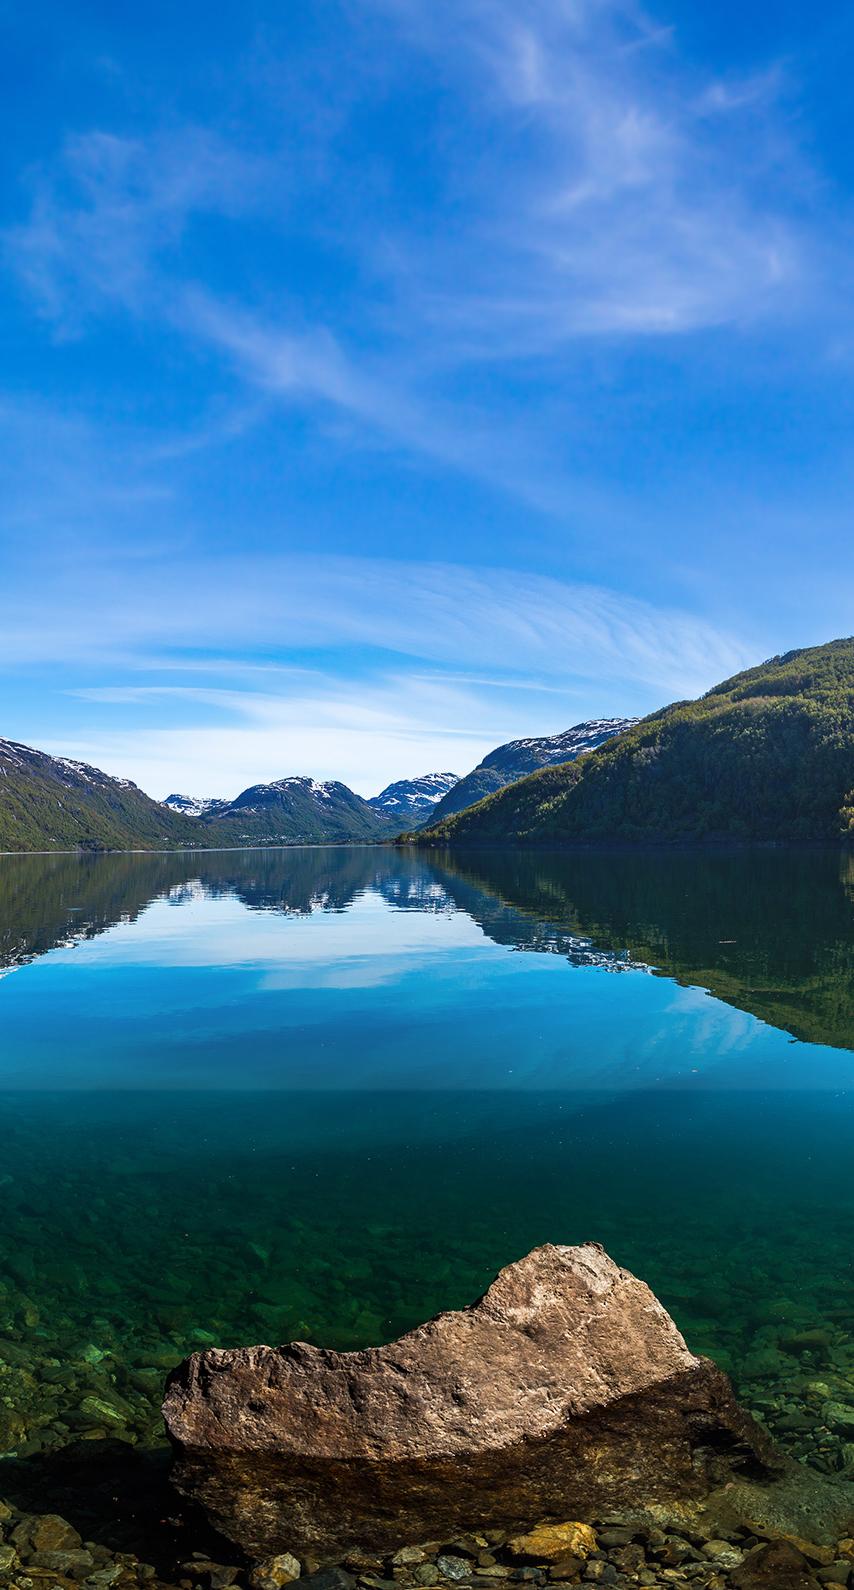 island, lake